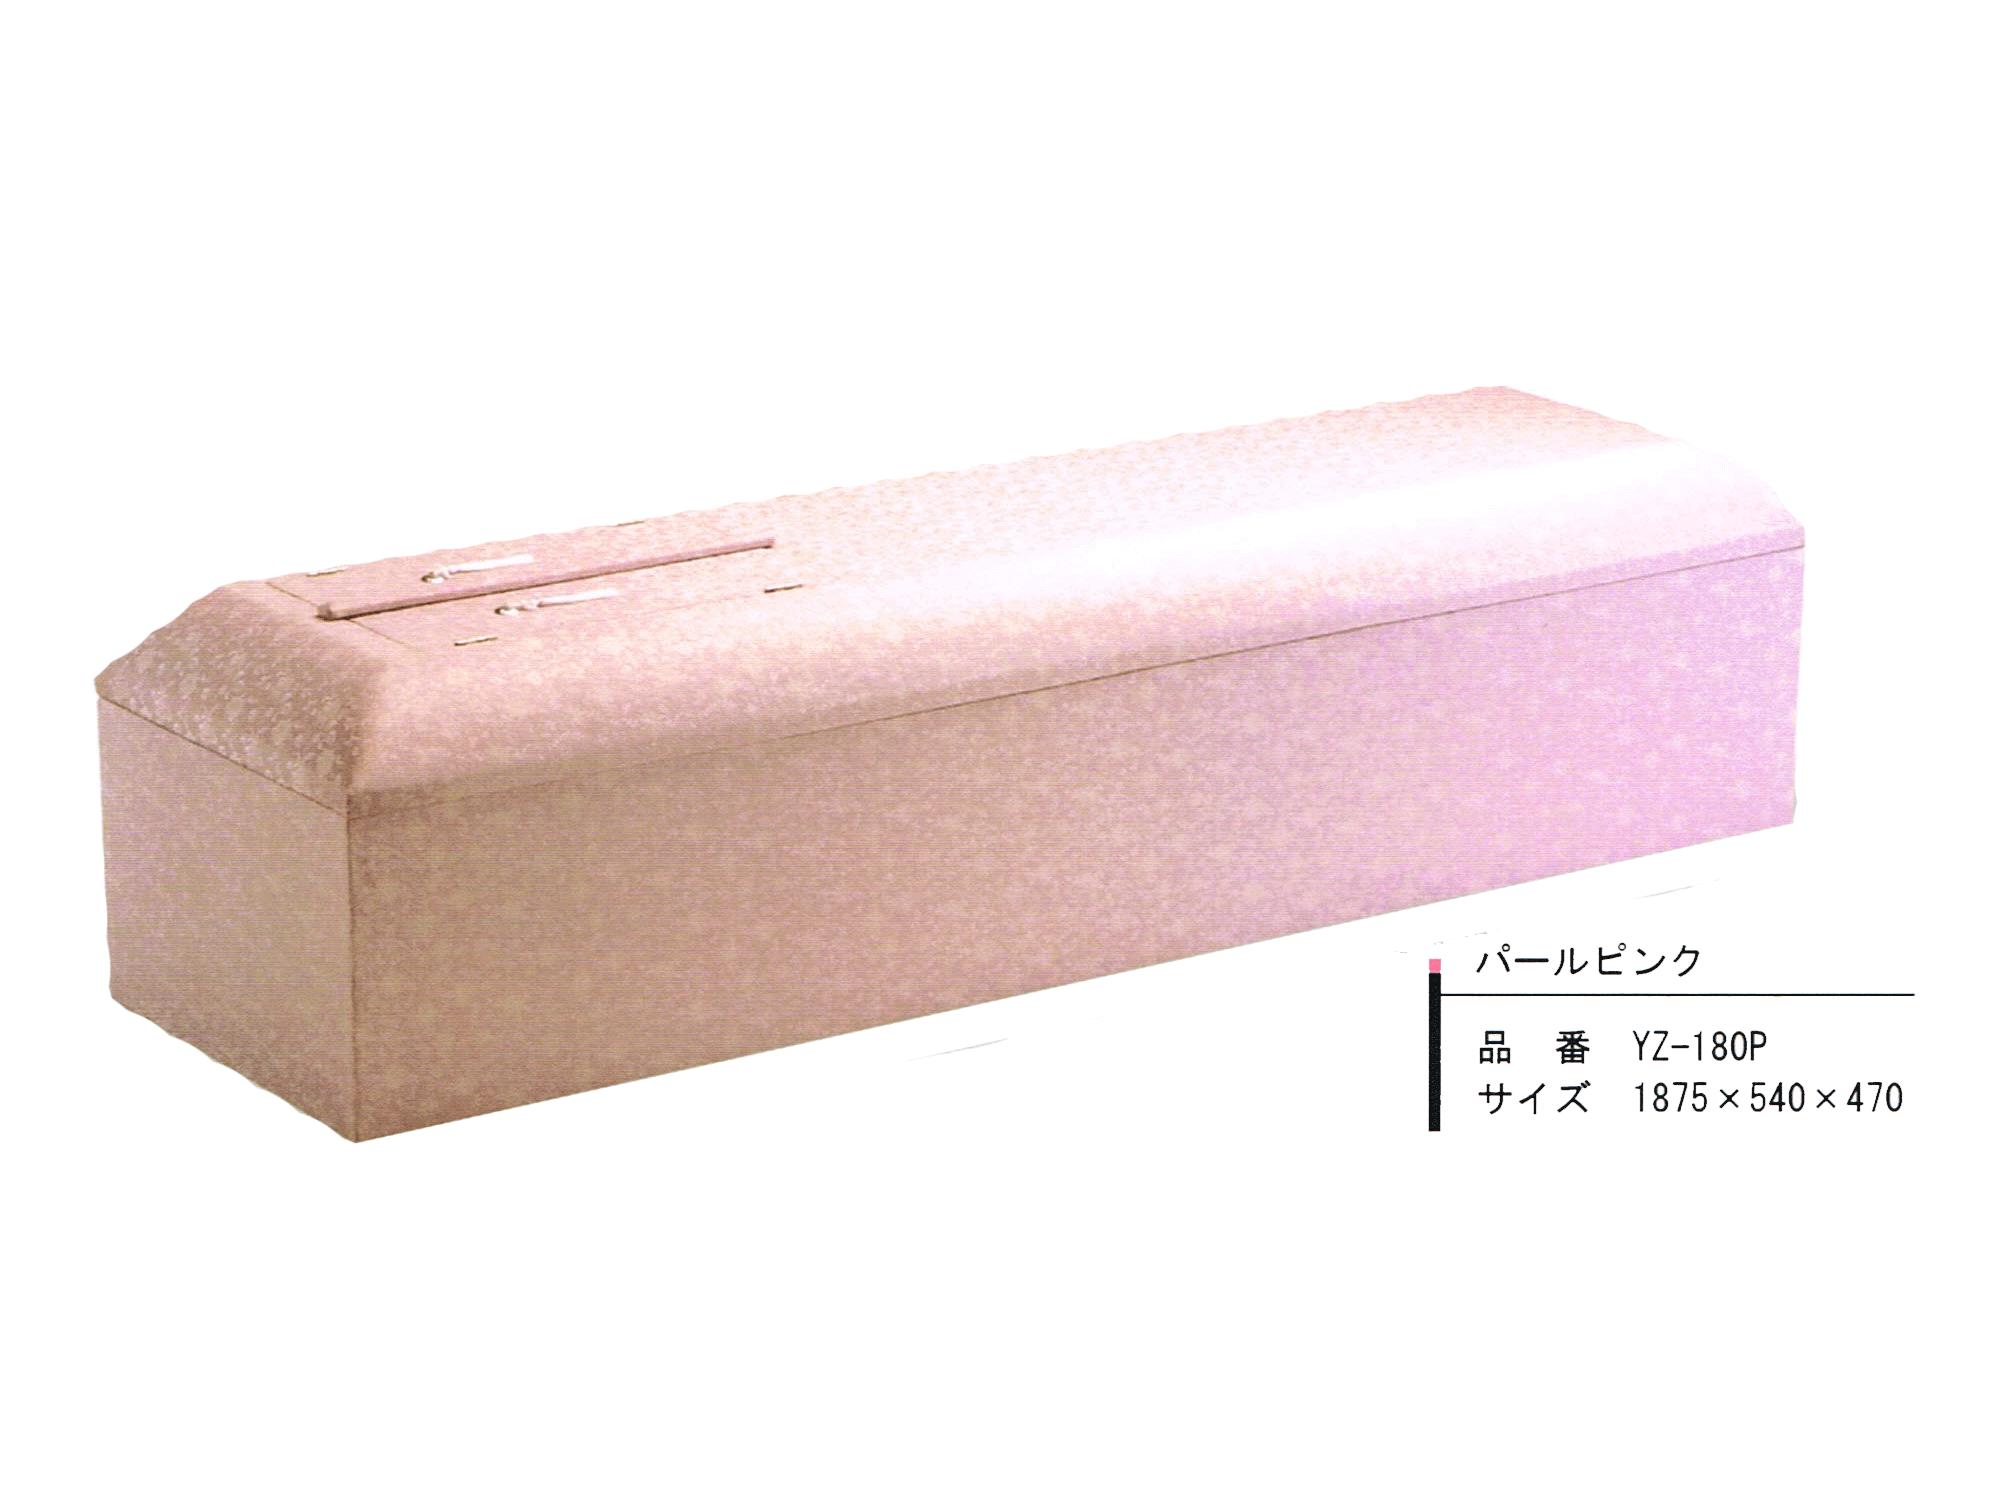 新型布張棺 シンシア パールピンク